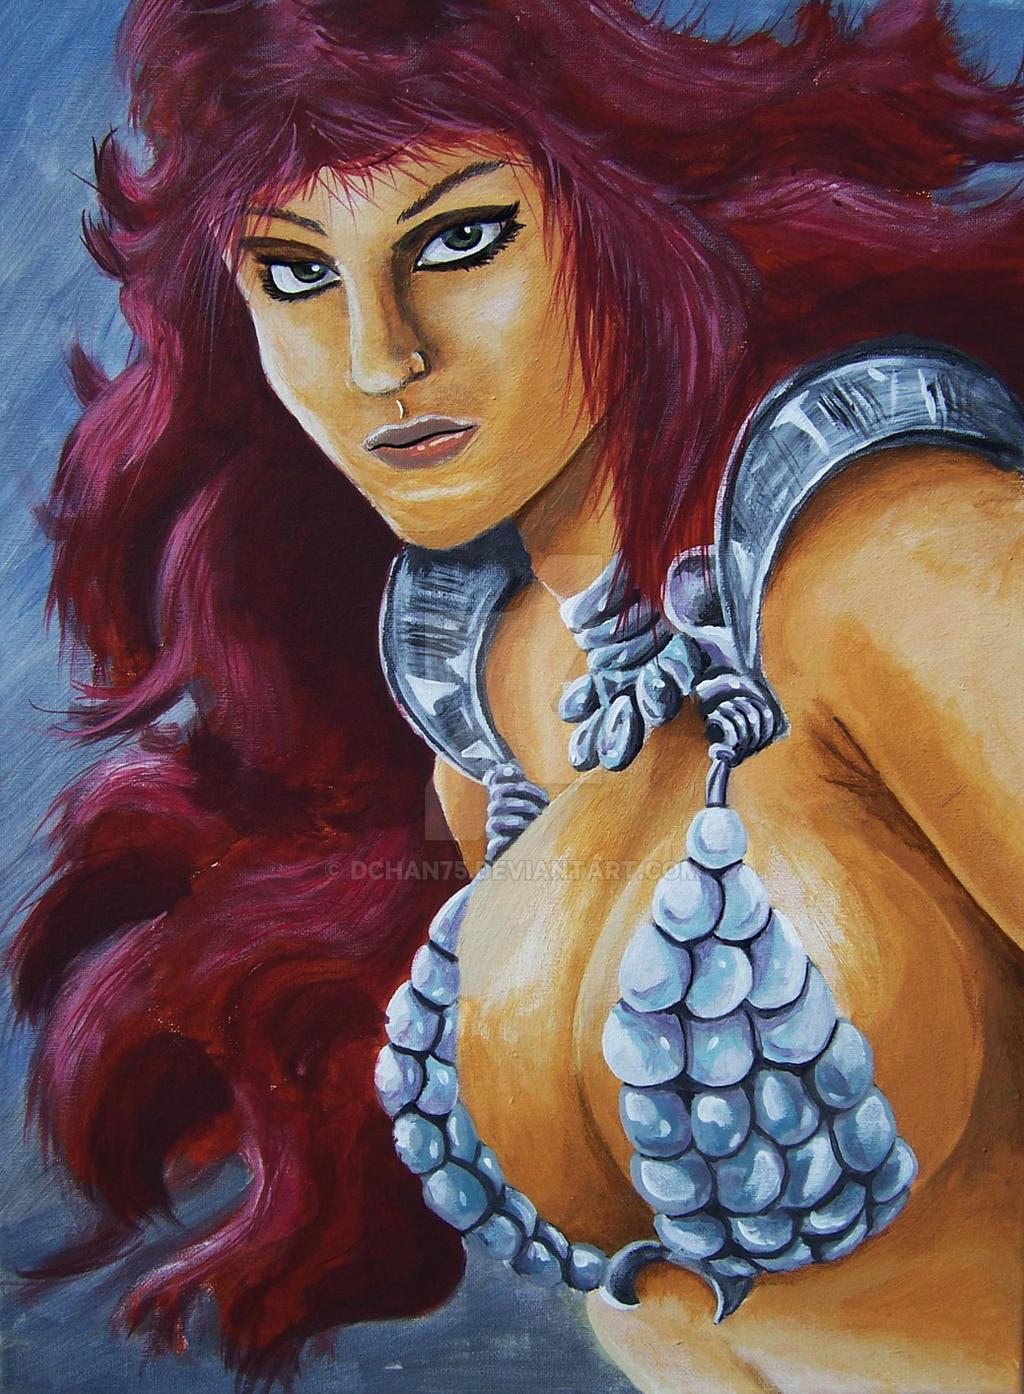 Red Sonja Head Portrait by DChan75